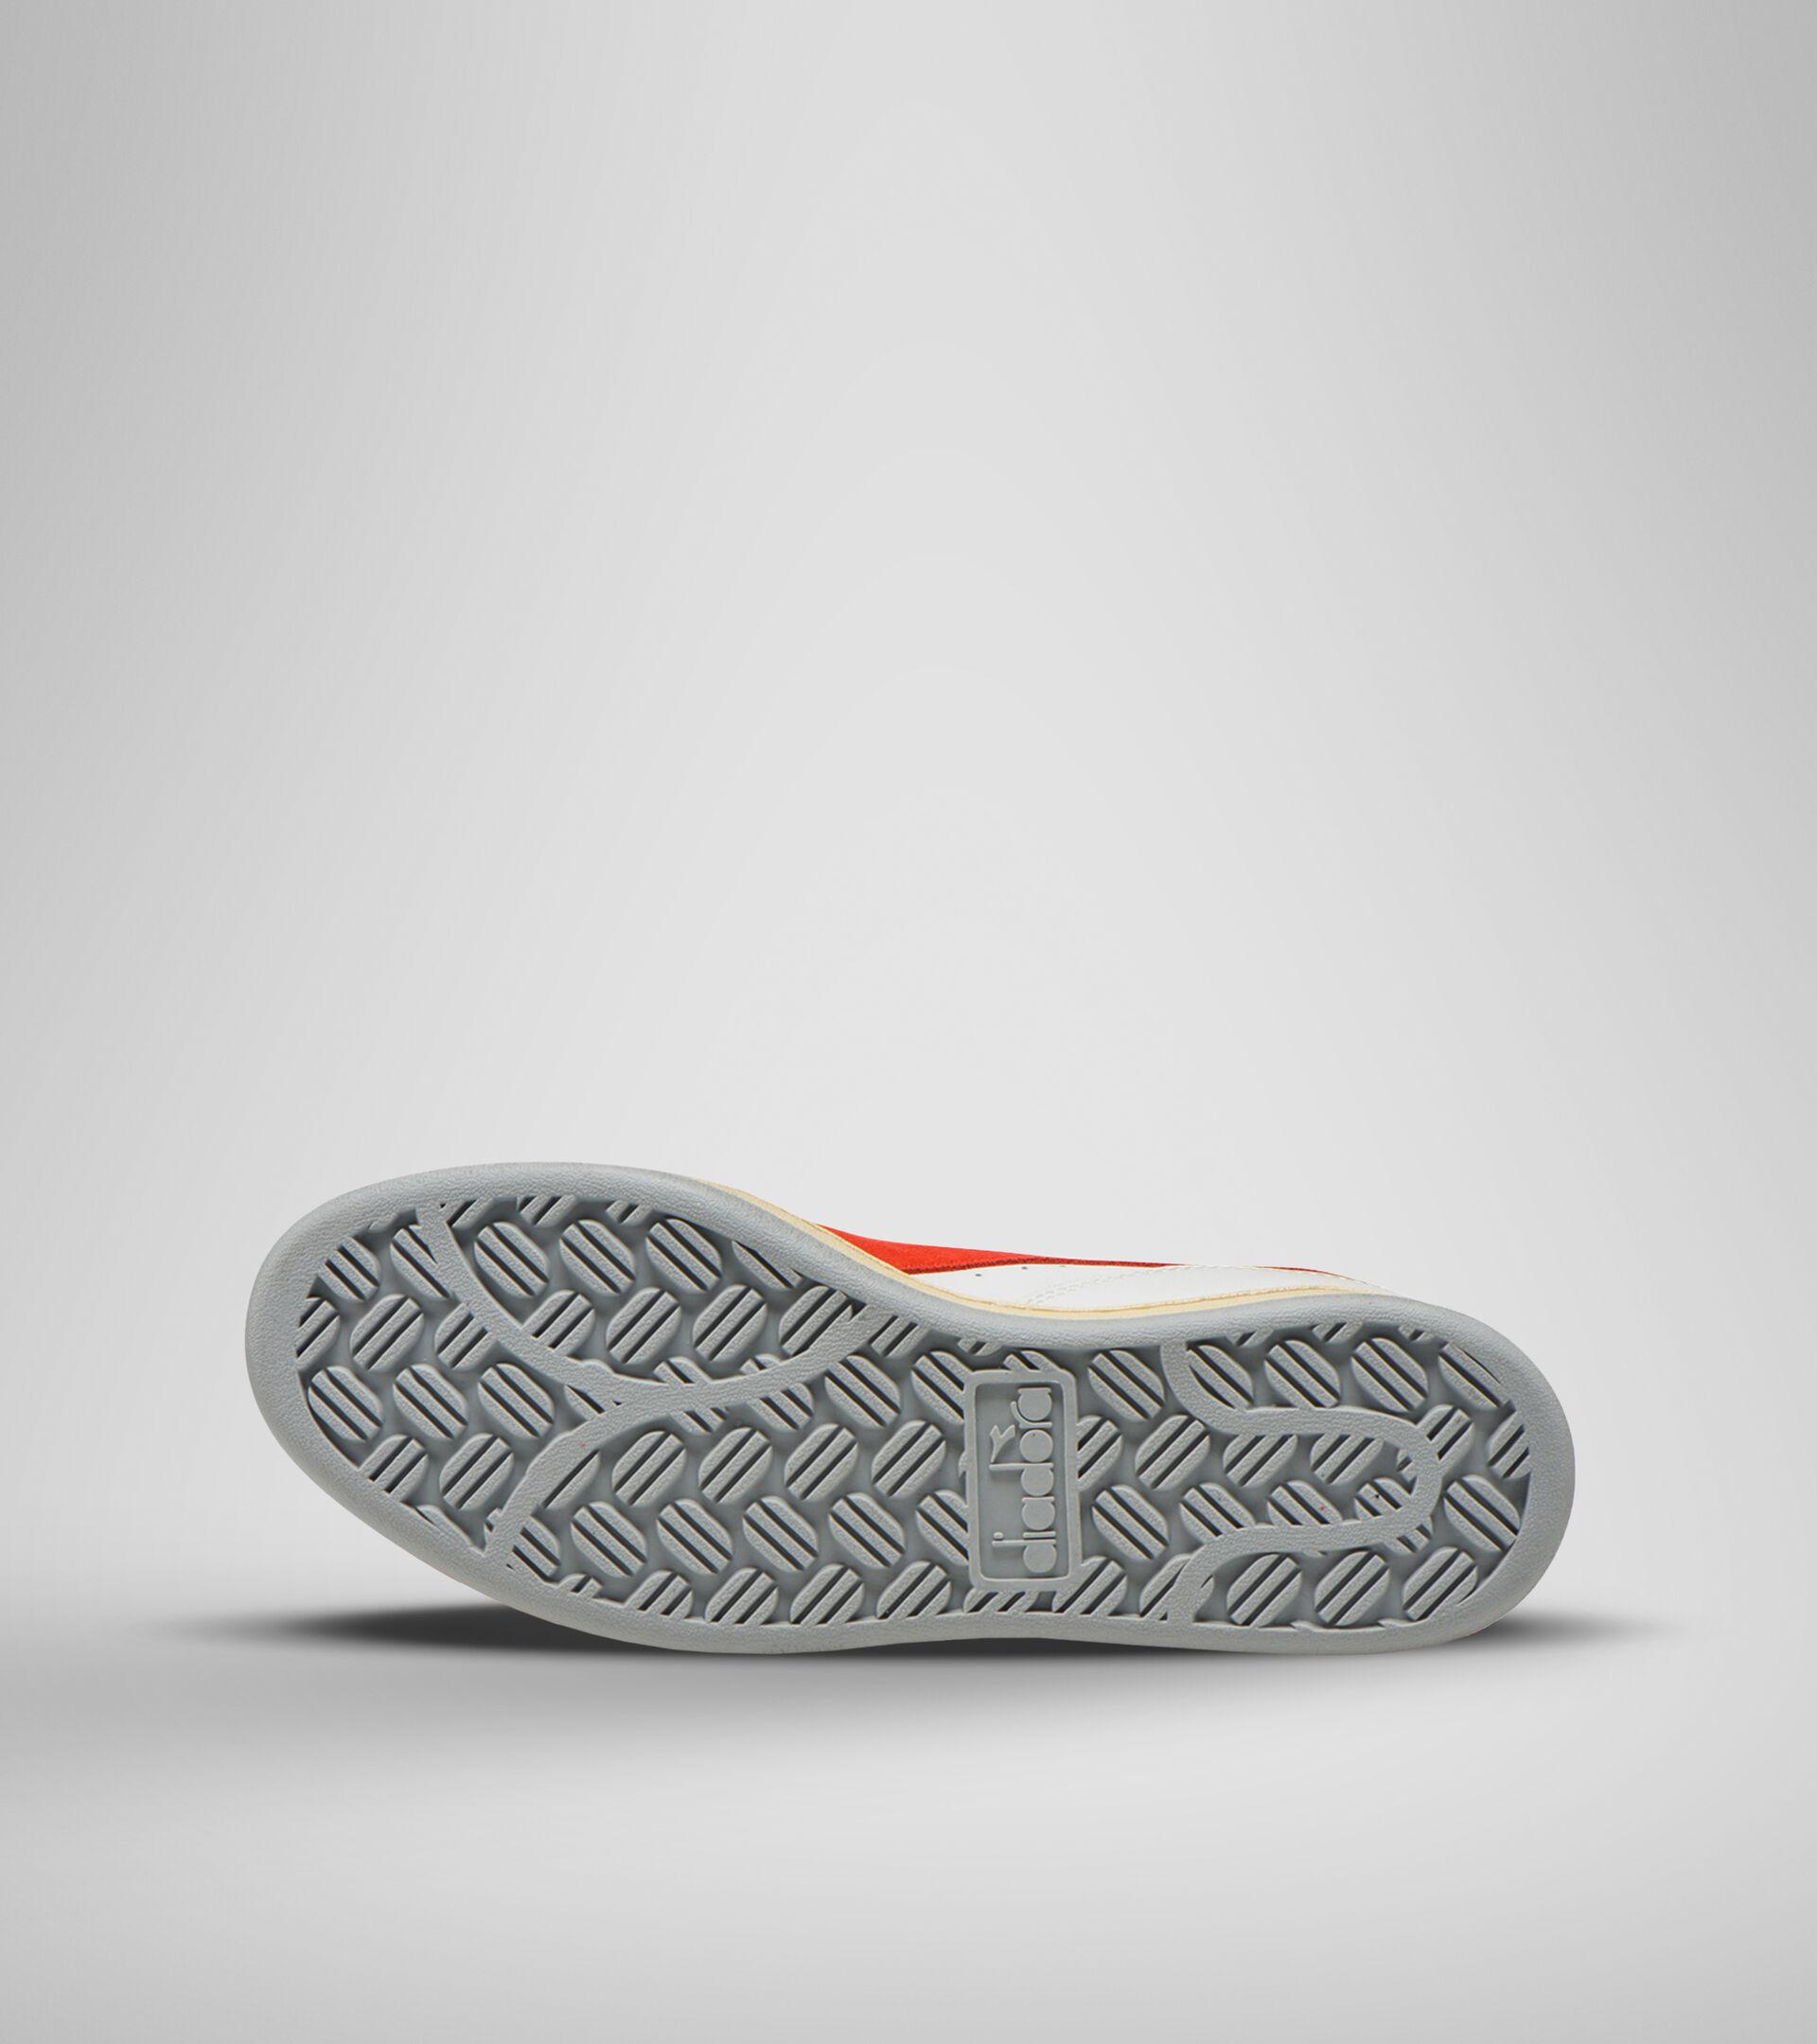 Zapatillas deportivas - Unisex MI BASKET LOW ICONA BLANCO/ROJO INTENSO - Diadora